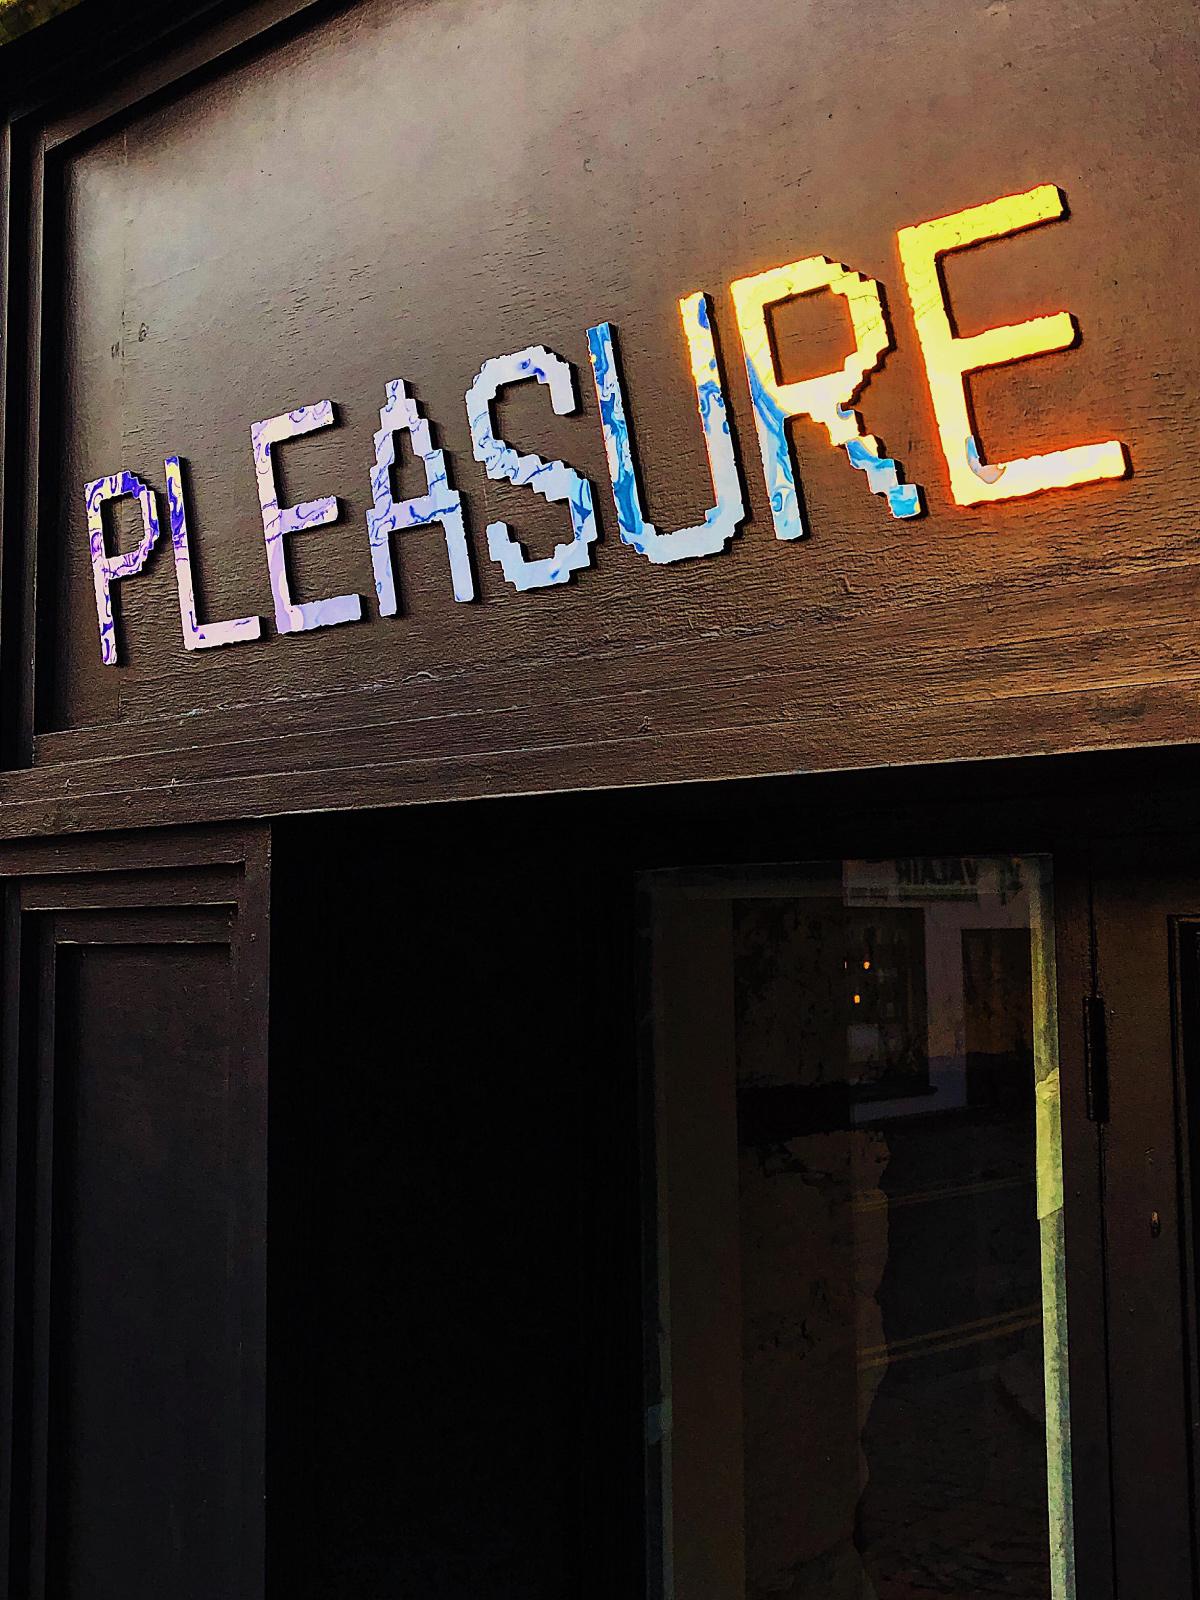 Pleasure galway